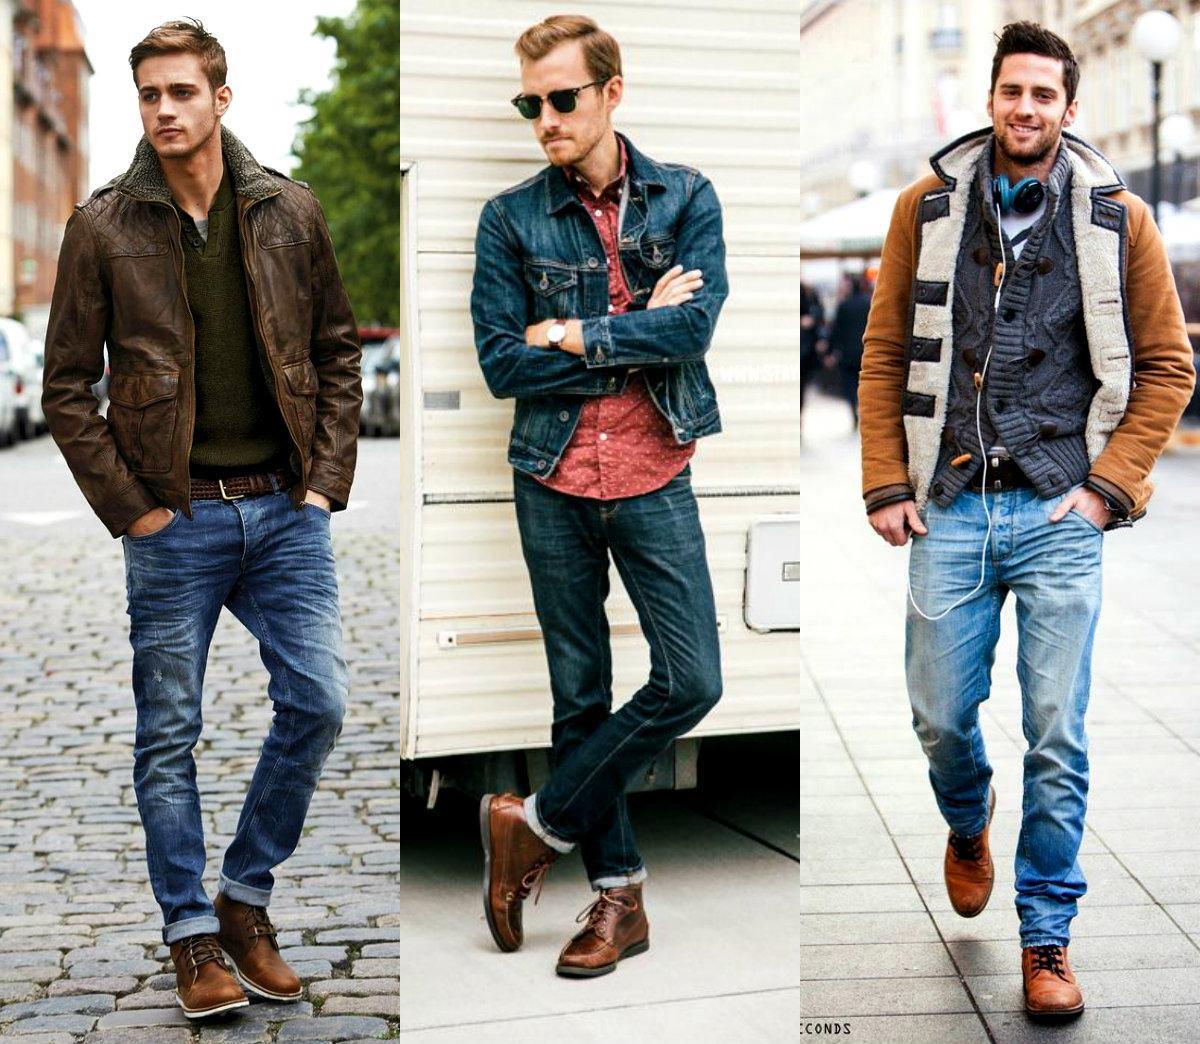 Sonbahar Kıyafet Kombinleri